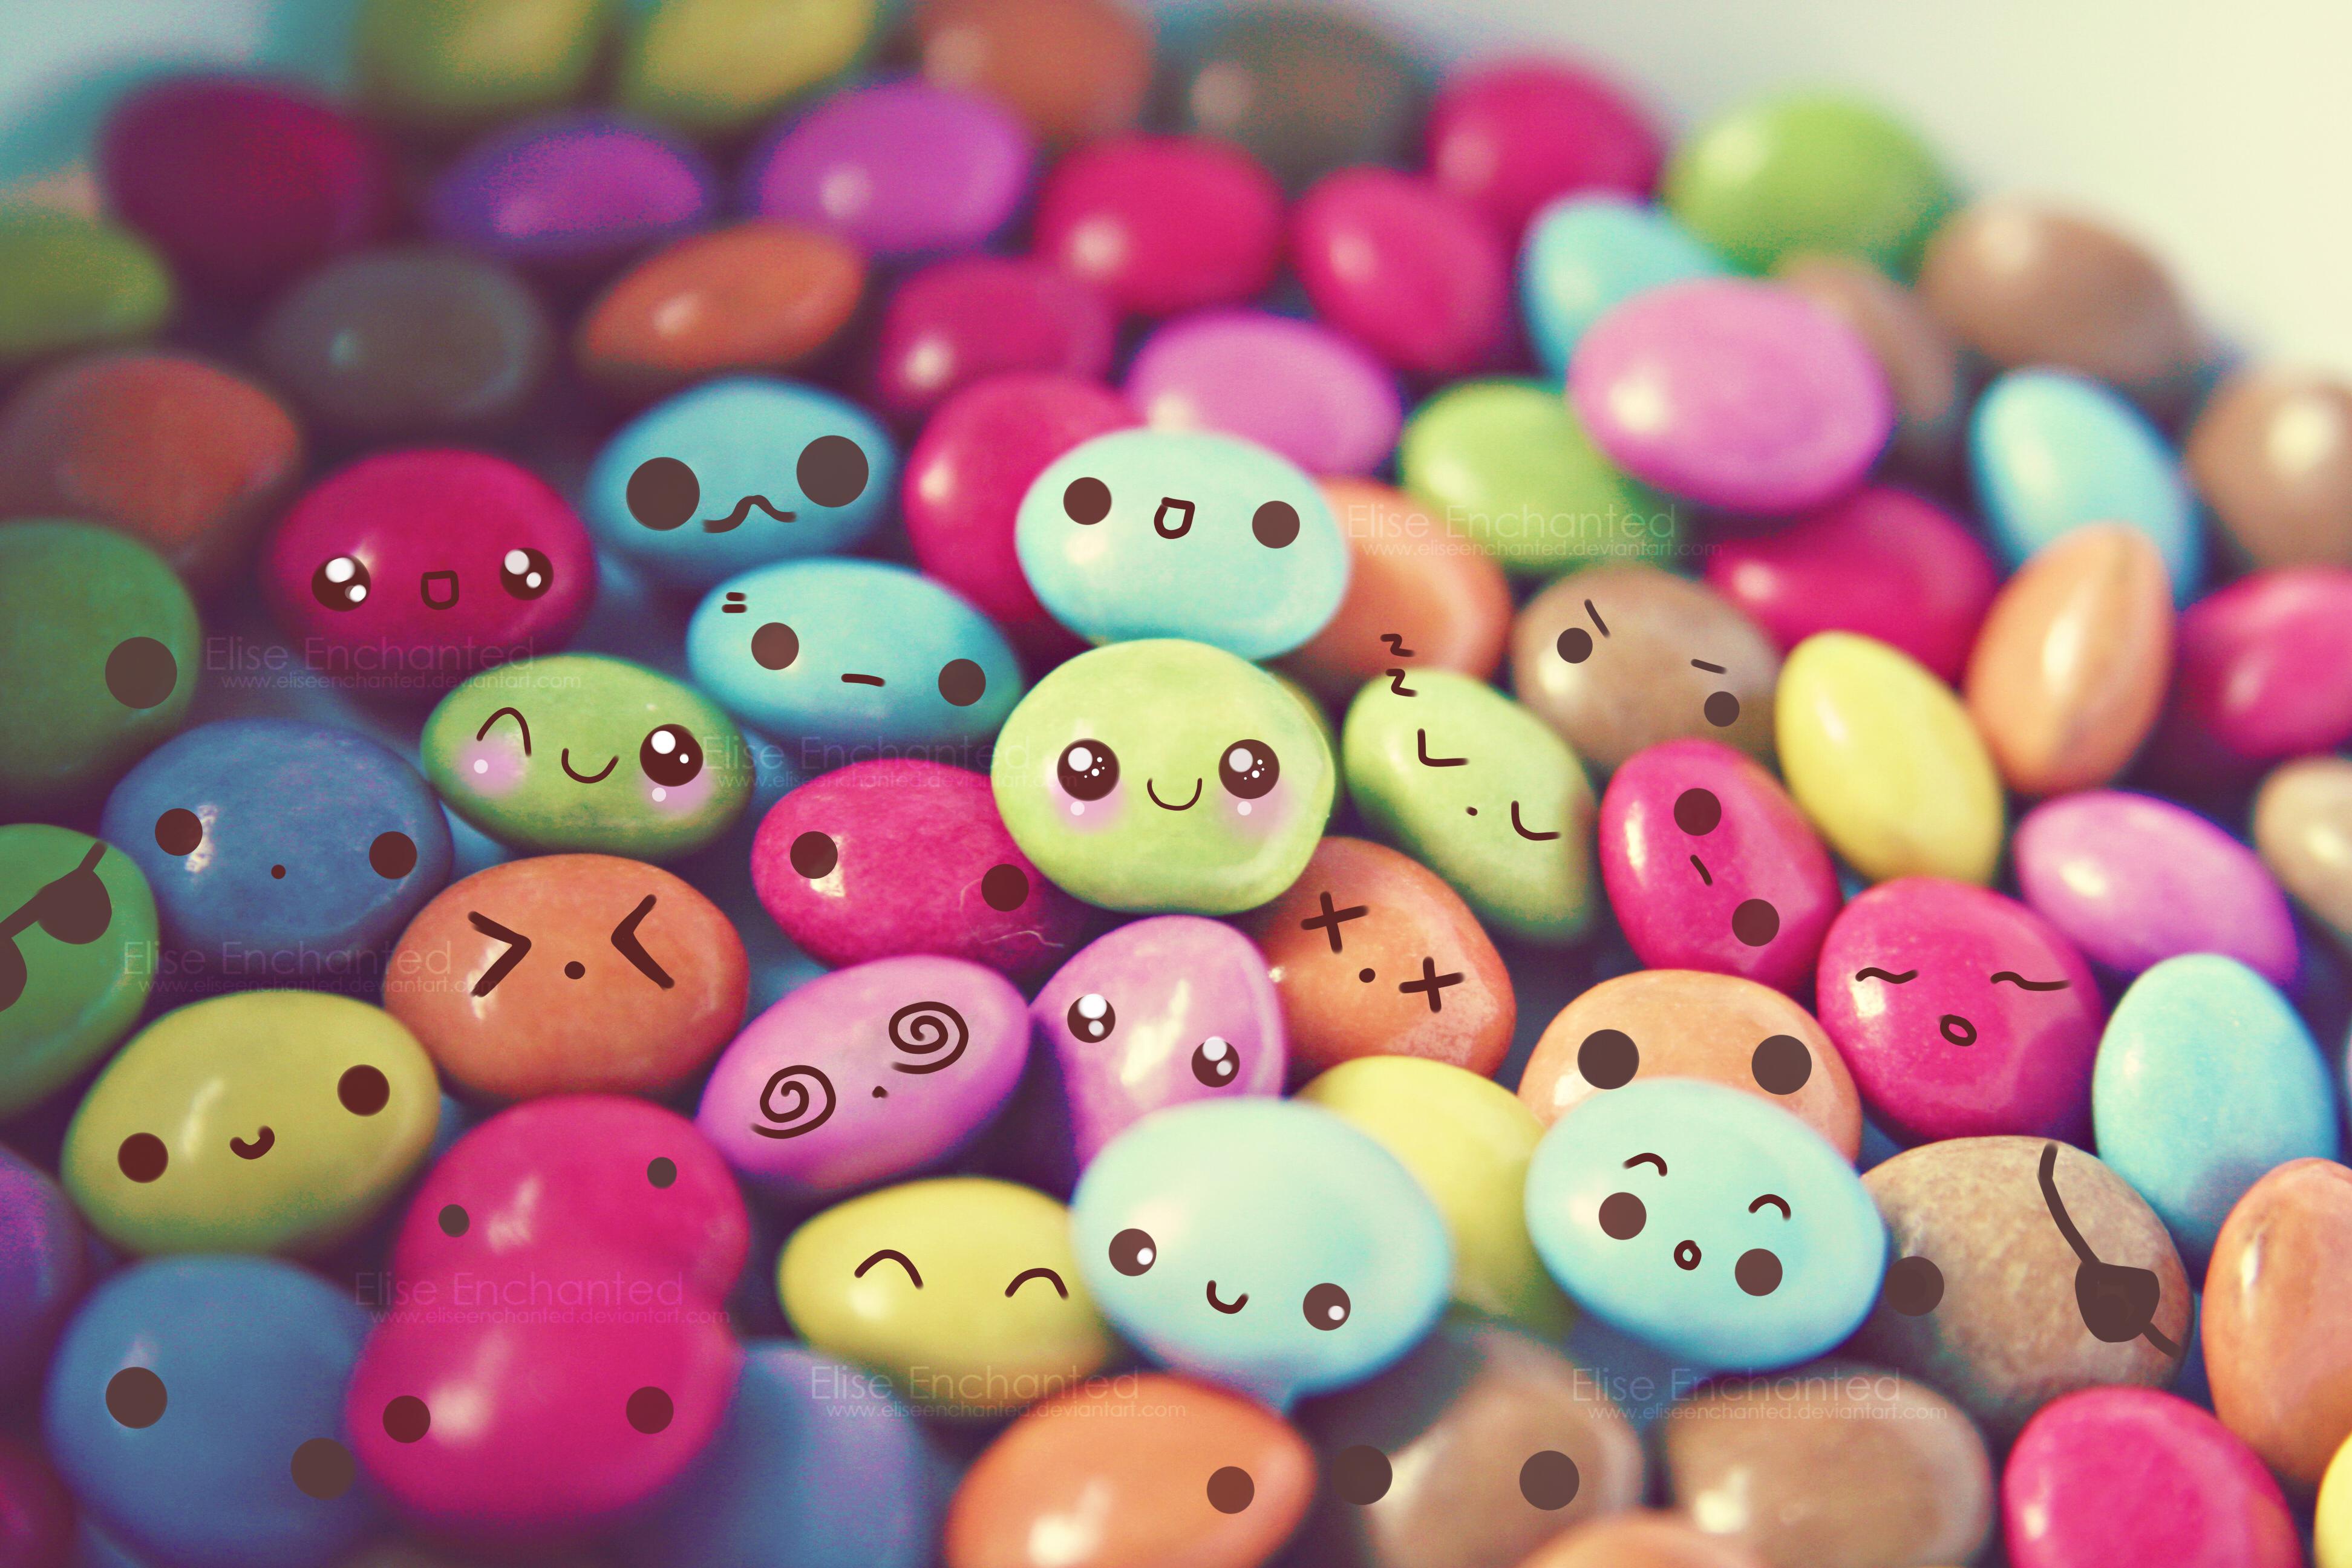 Cute Candy Faces   Desktop 3888x2592